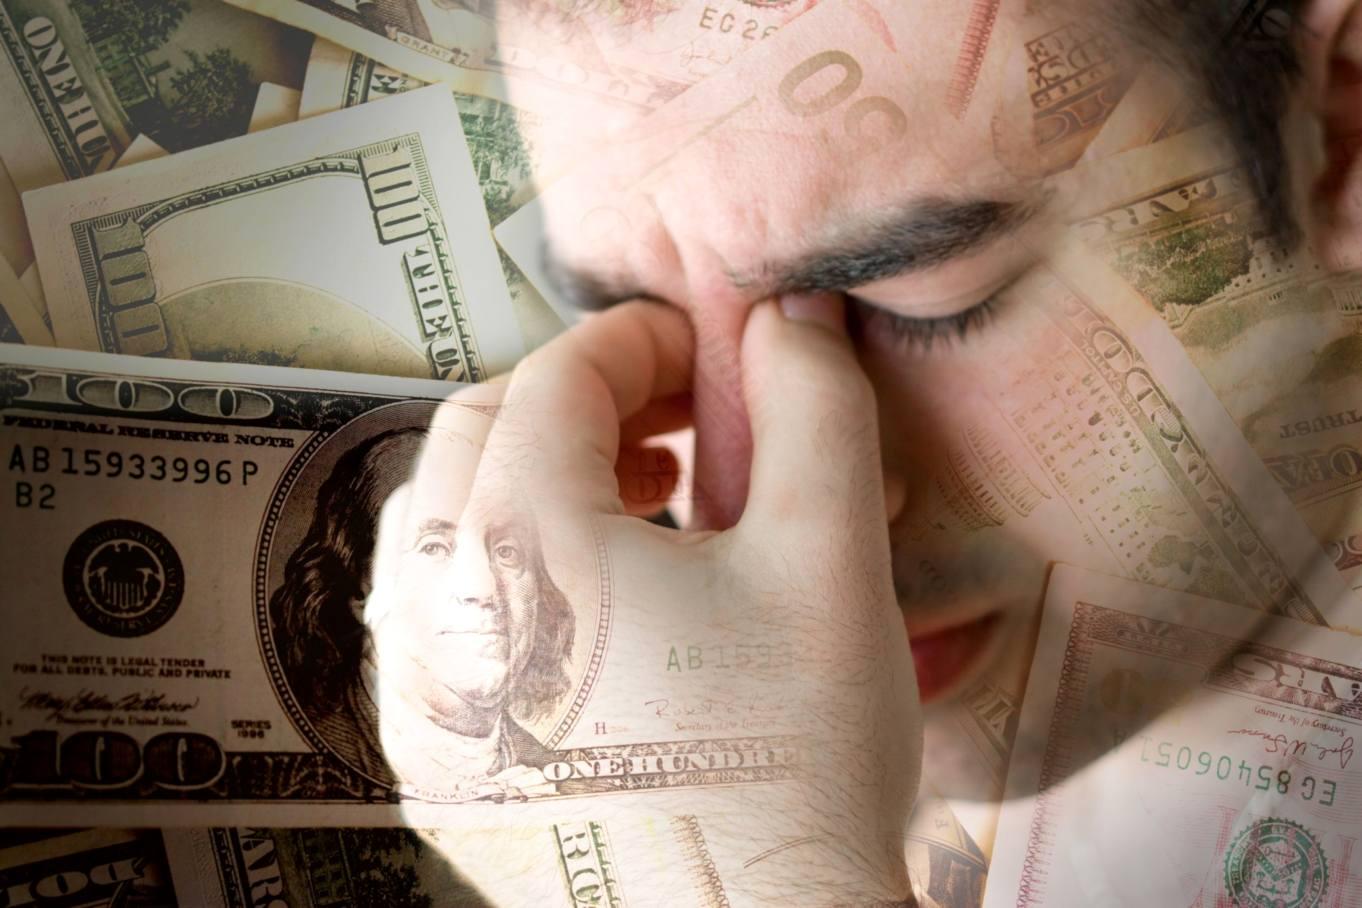 лист просмотр моих картинок за деньги этом году